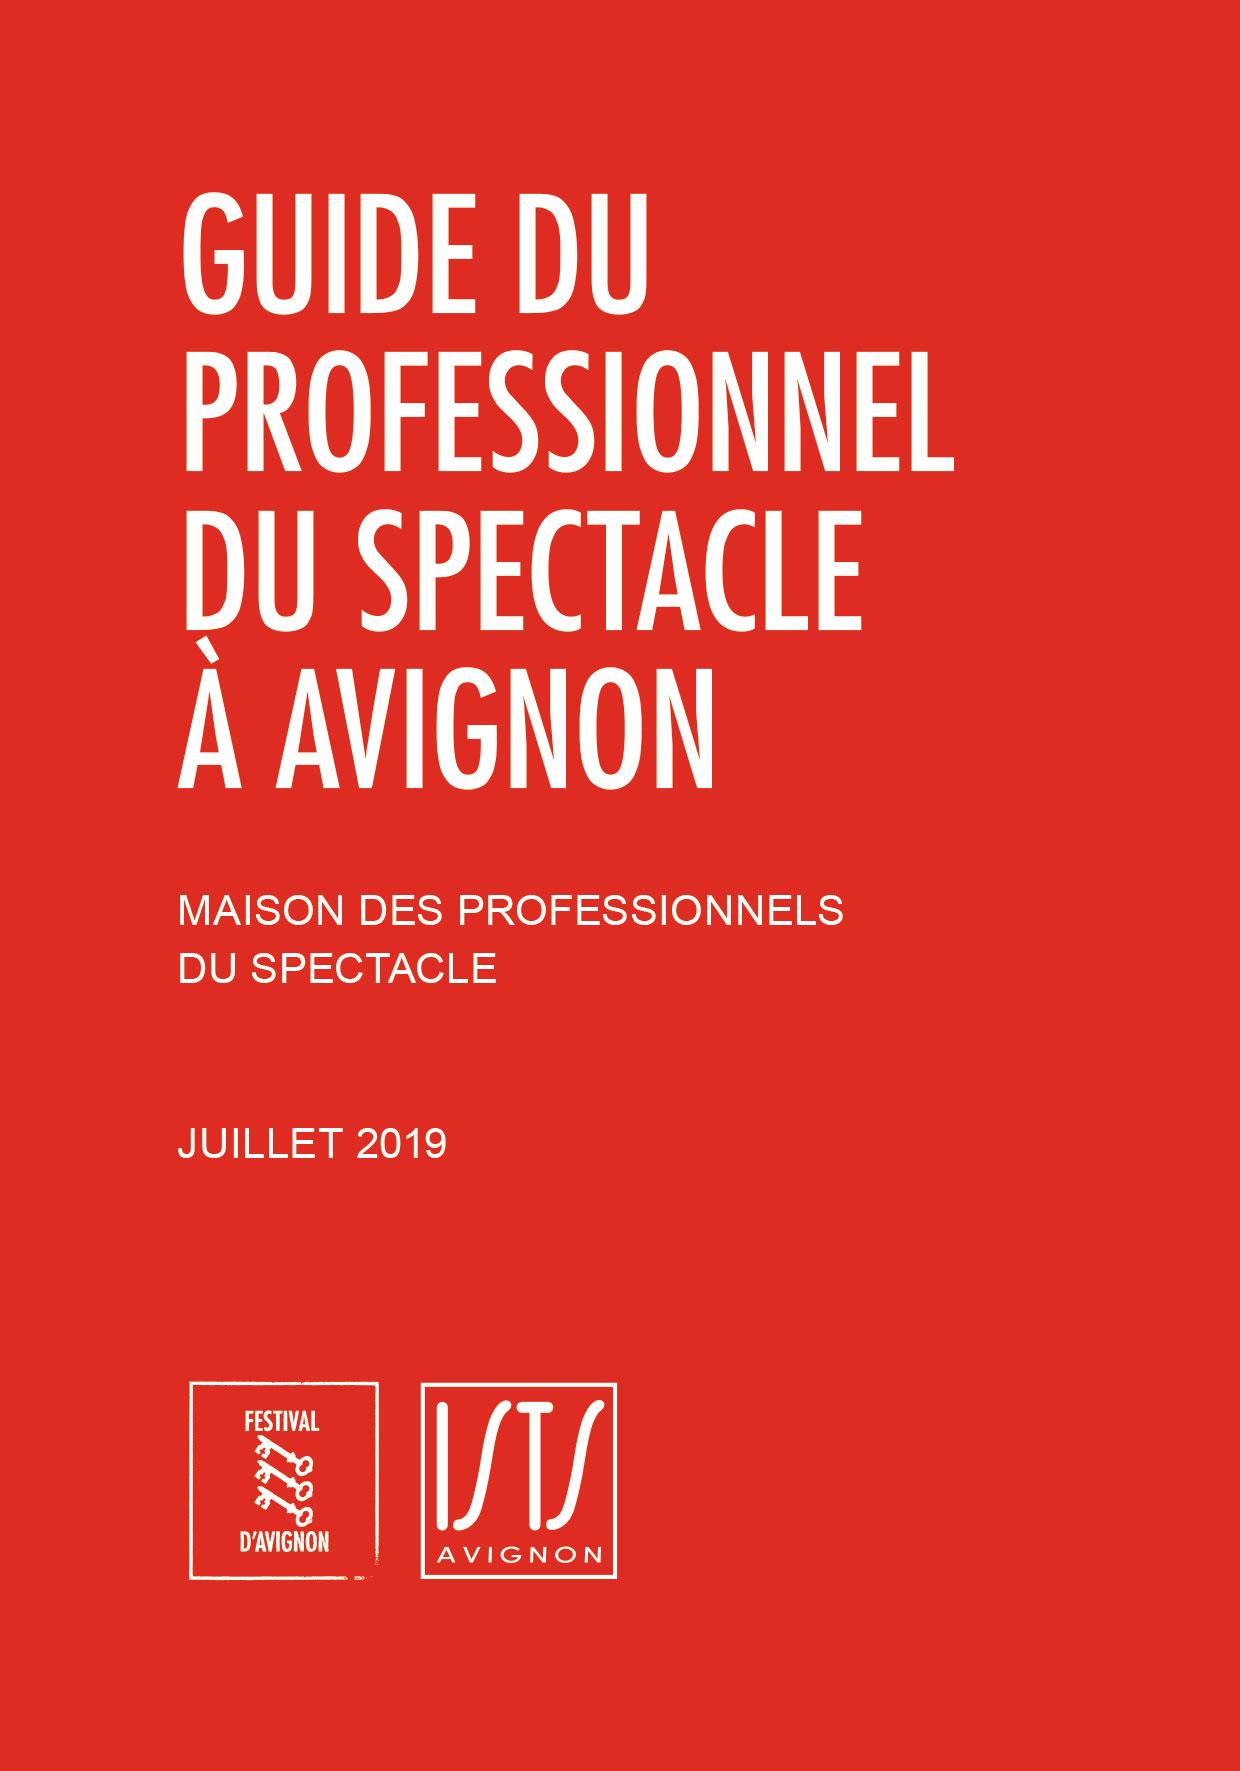 Guide du professionnel du spectacle vivant 2019